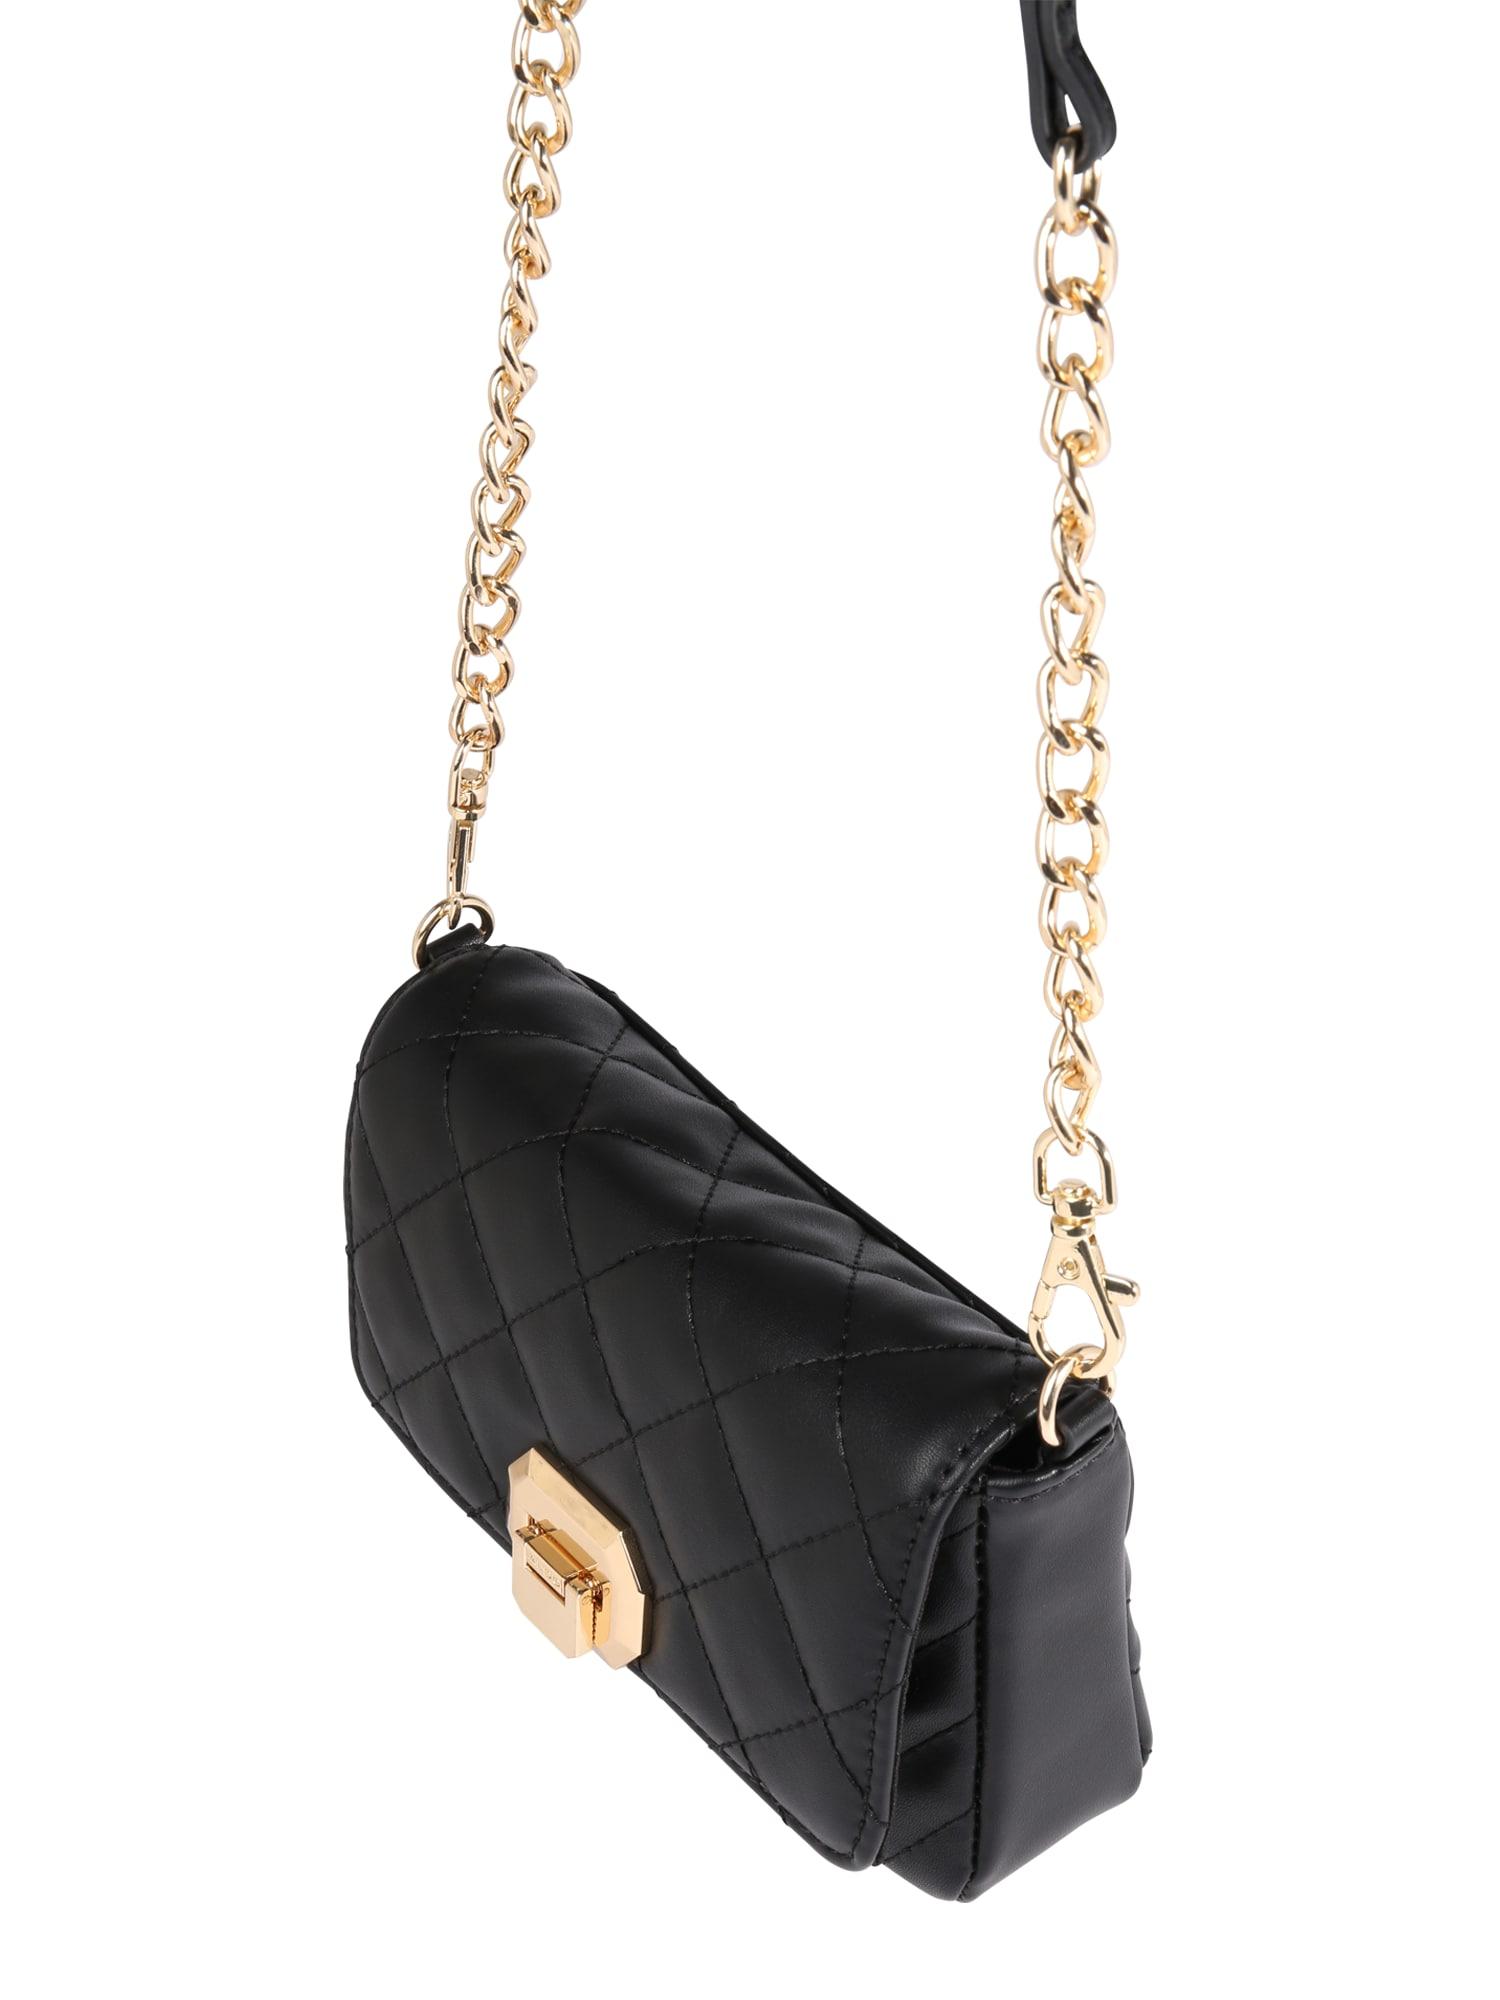 Taška přes rameno FROHBERG černá ALDO